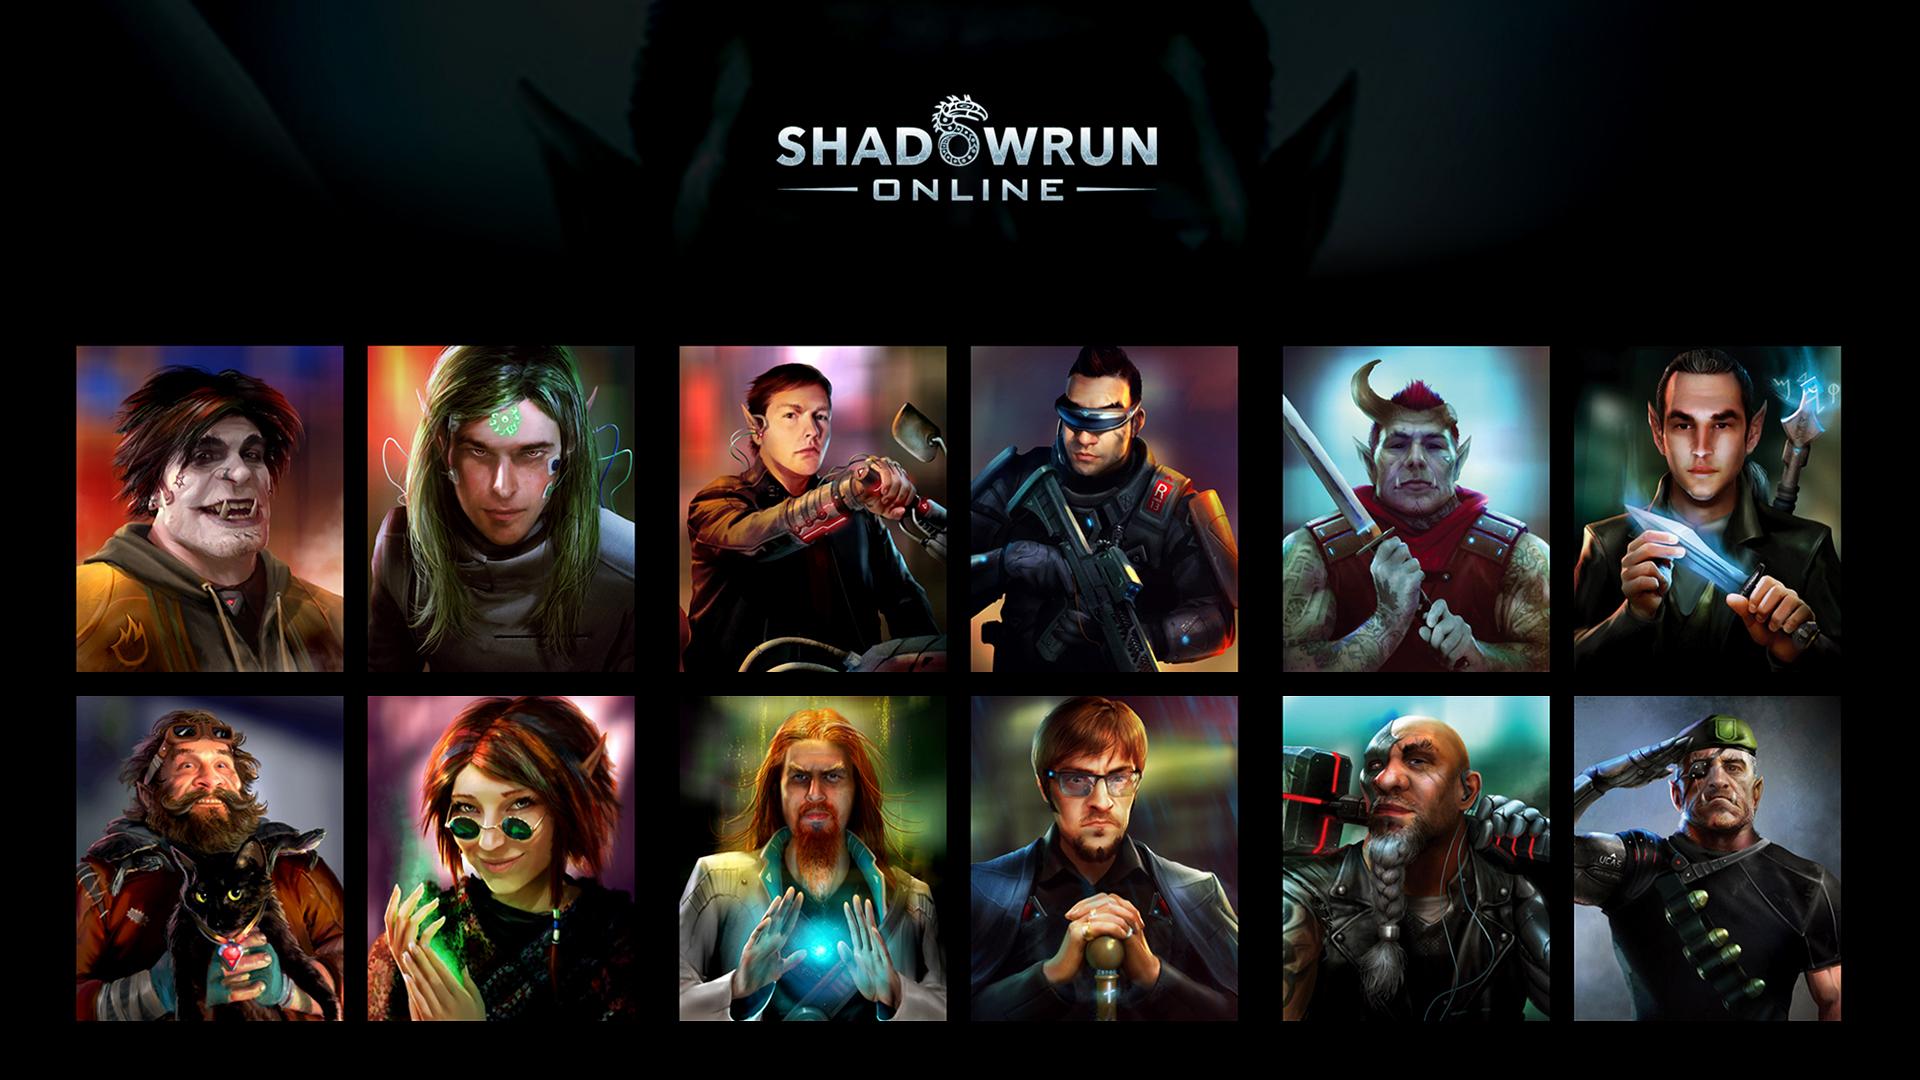 Shadowrun E Used Car Lot Pdf